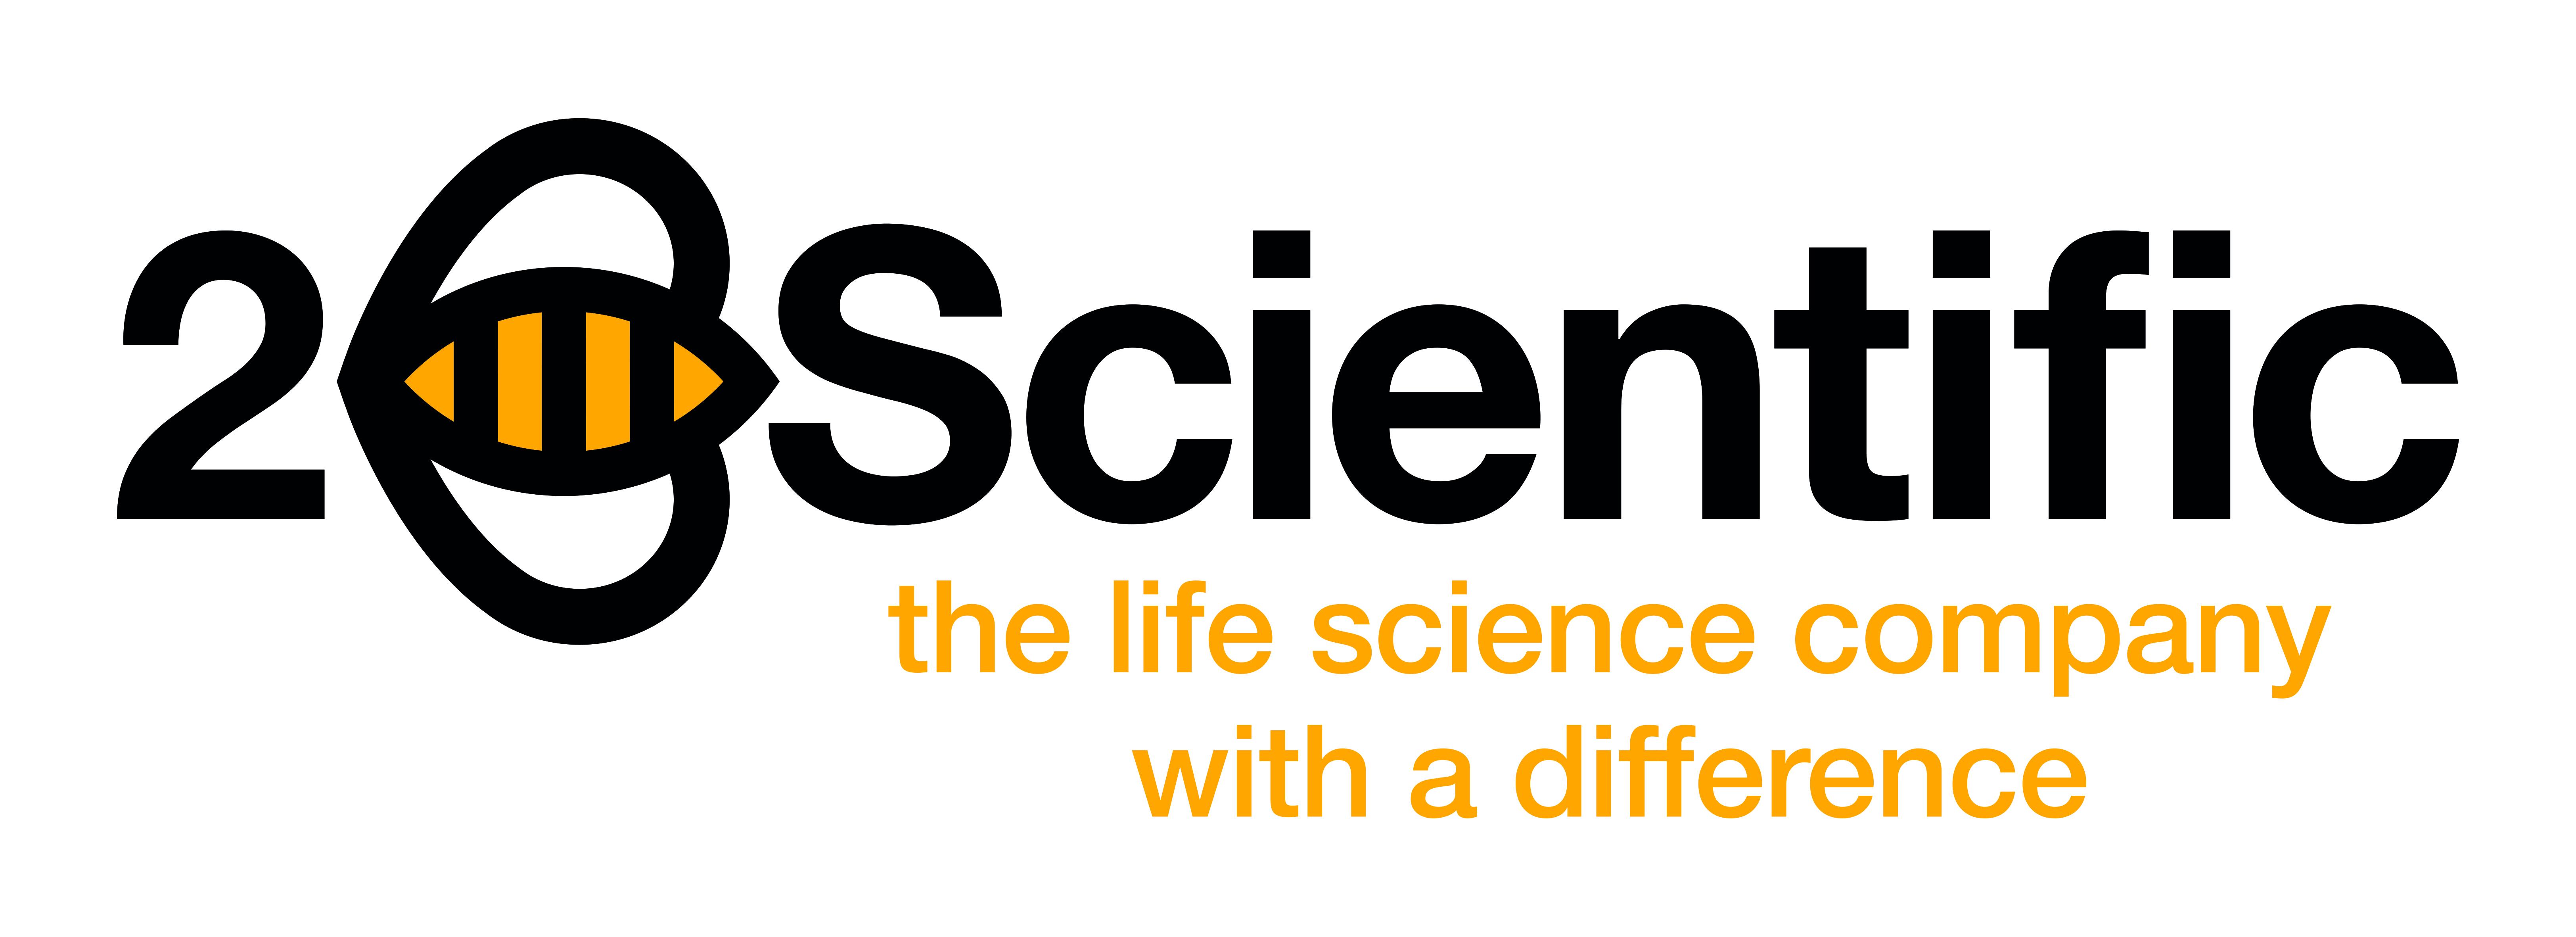 2BScientific